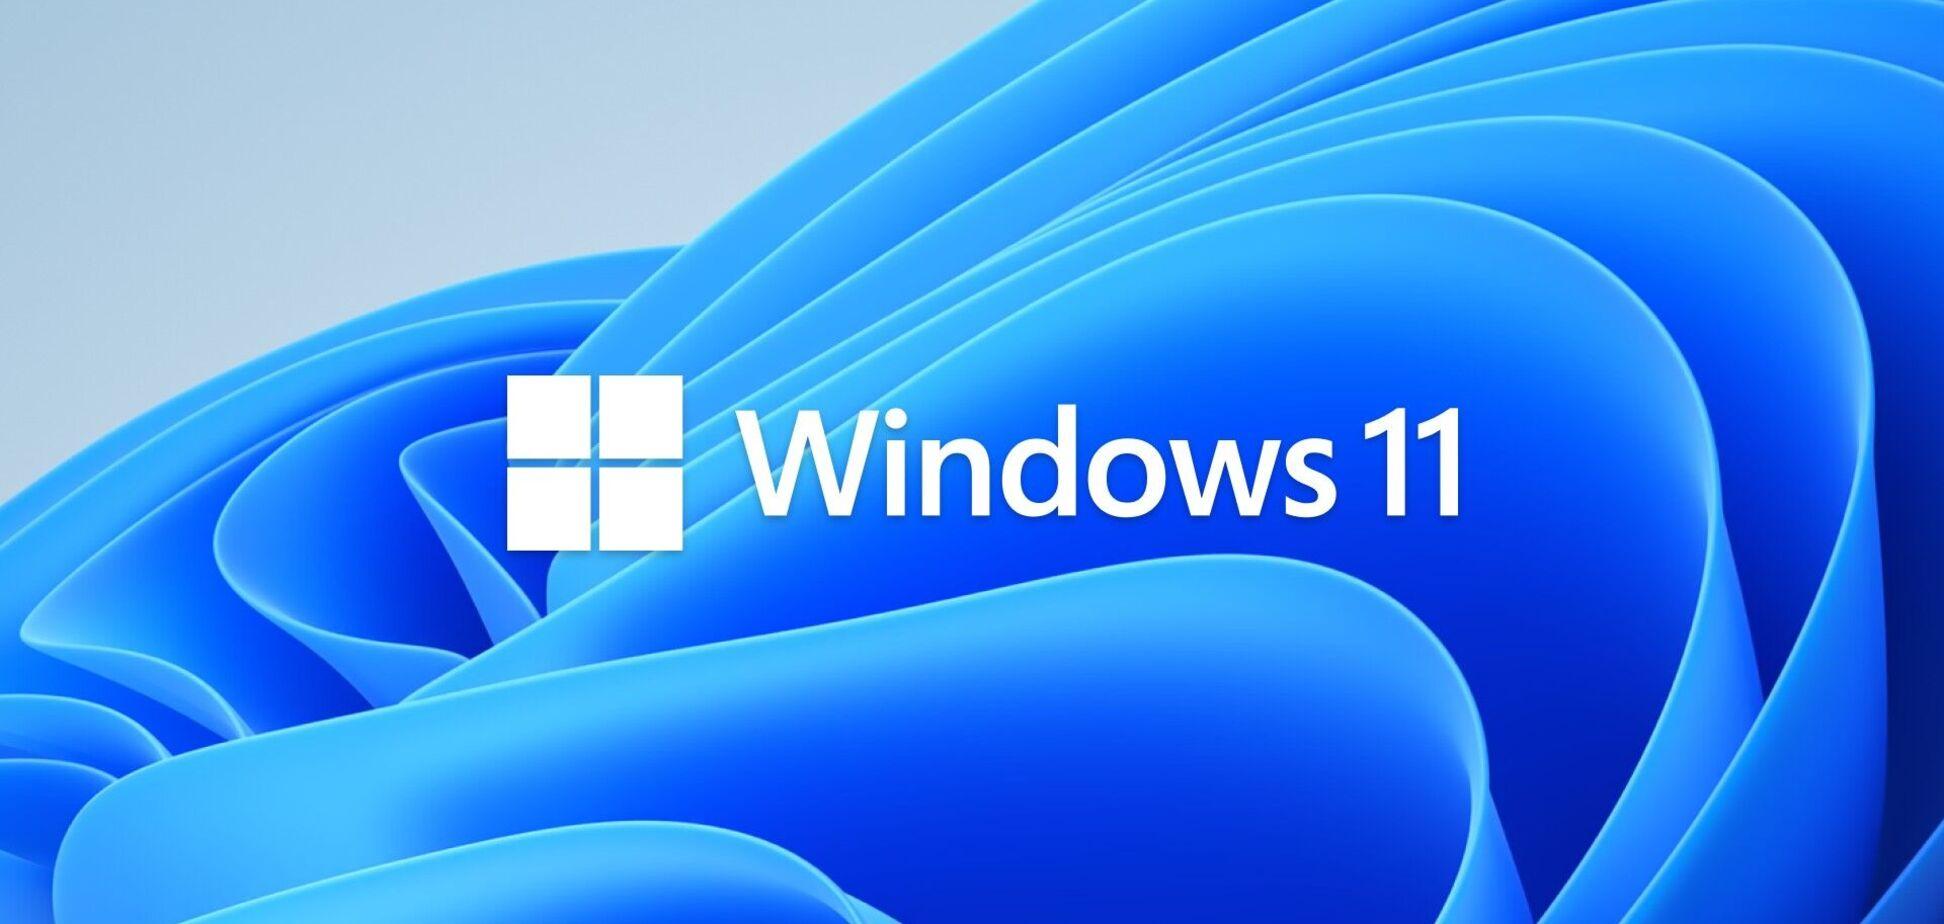 Microsoft презентувала Windows 11: все, що потрібно знати про оновлення